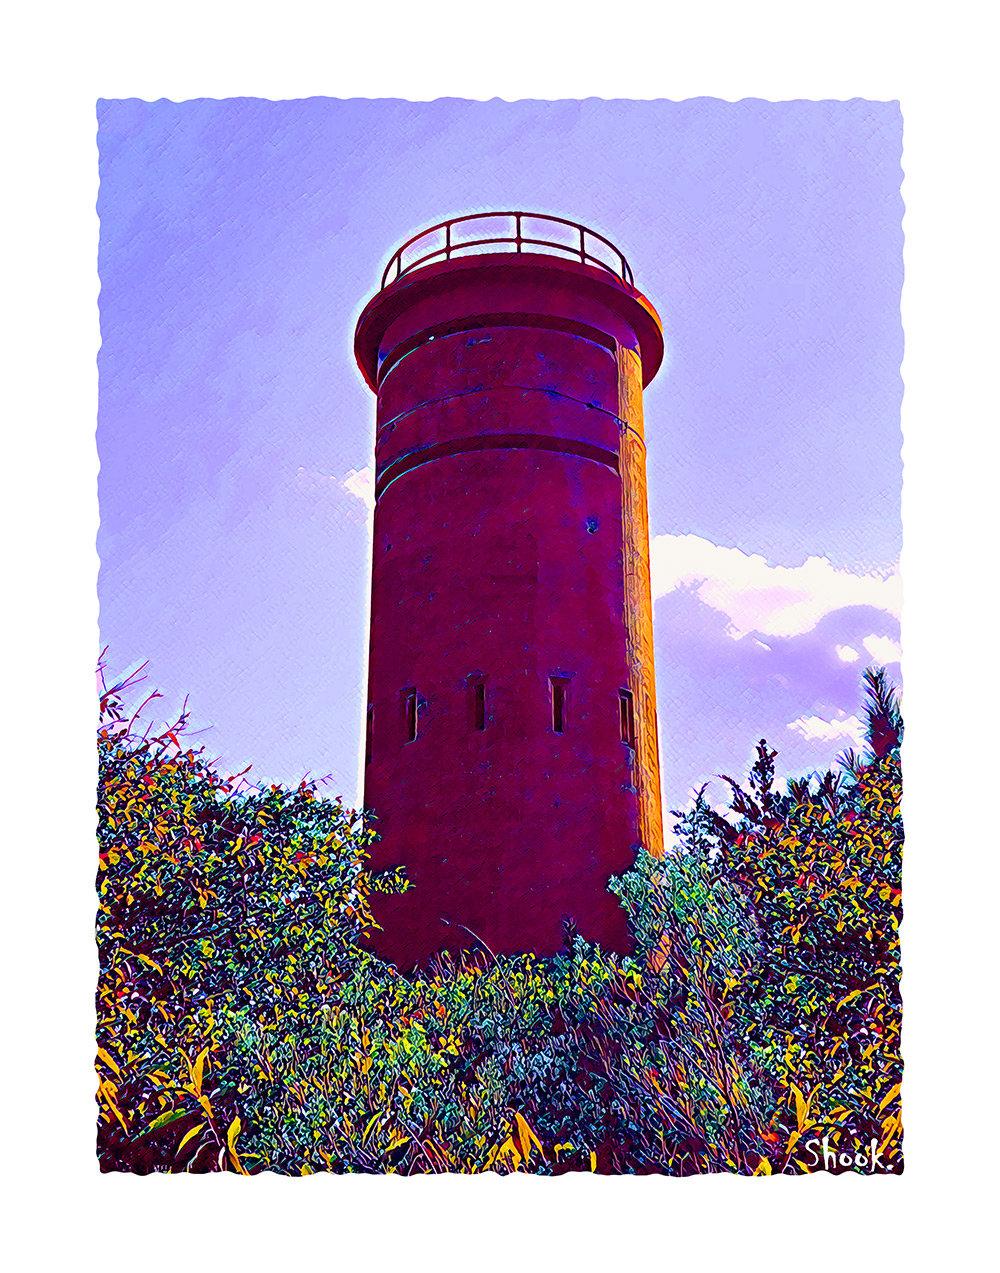 Lookout Tower, Dewey Beach DE Giclée Art Print - (Multi-Size Options)